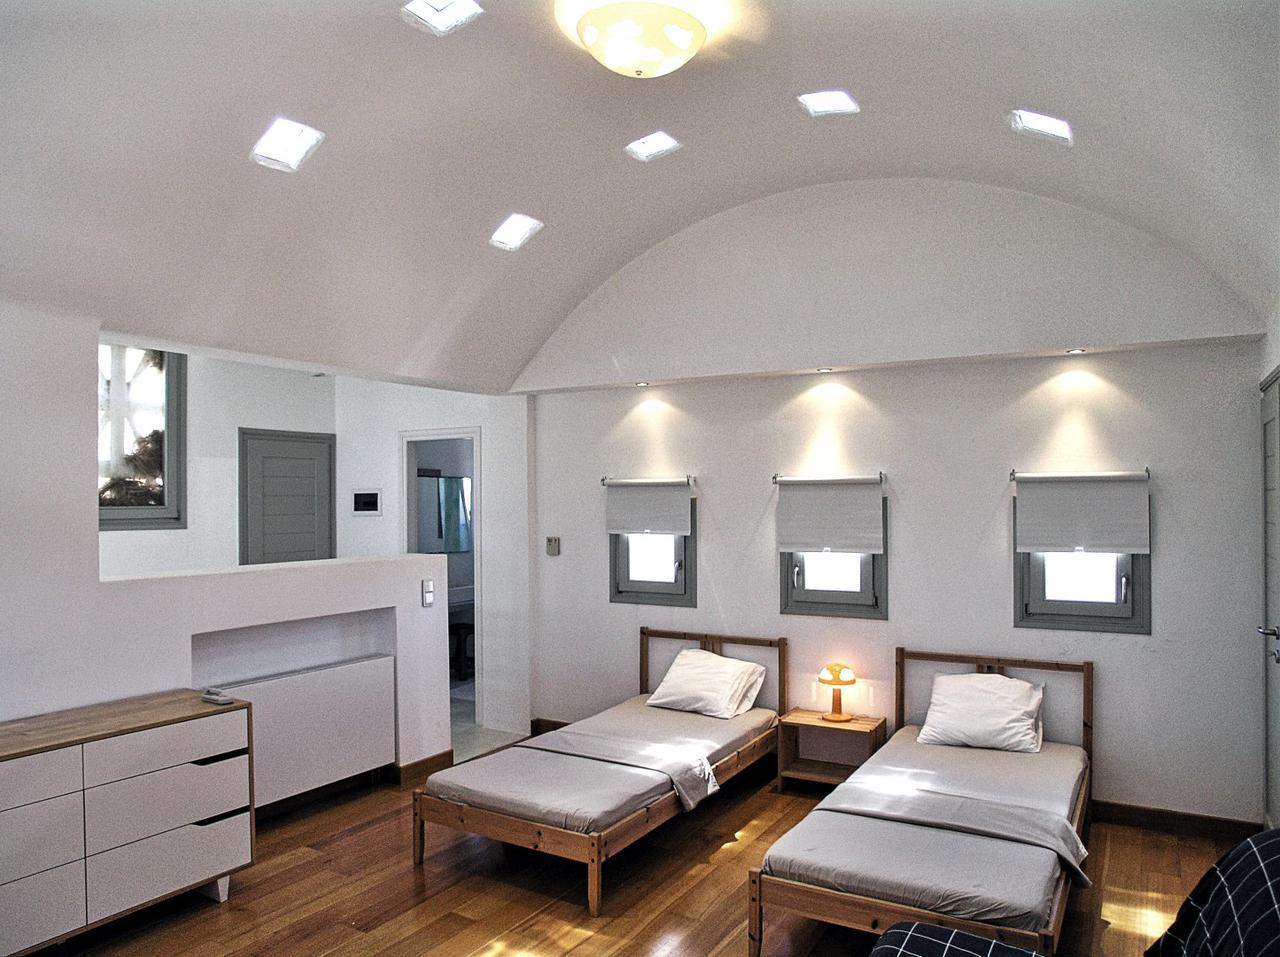 houset-upper bedroom.jpg